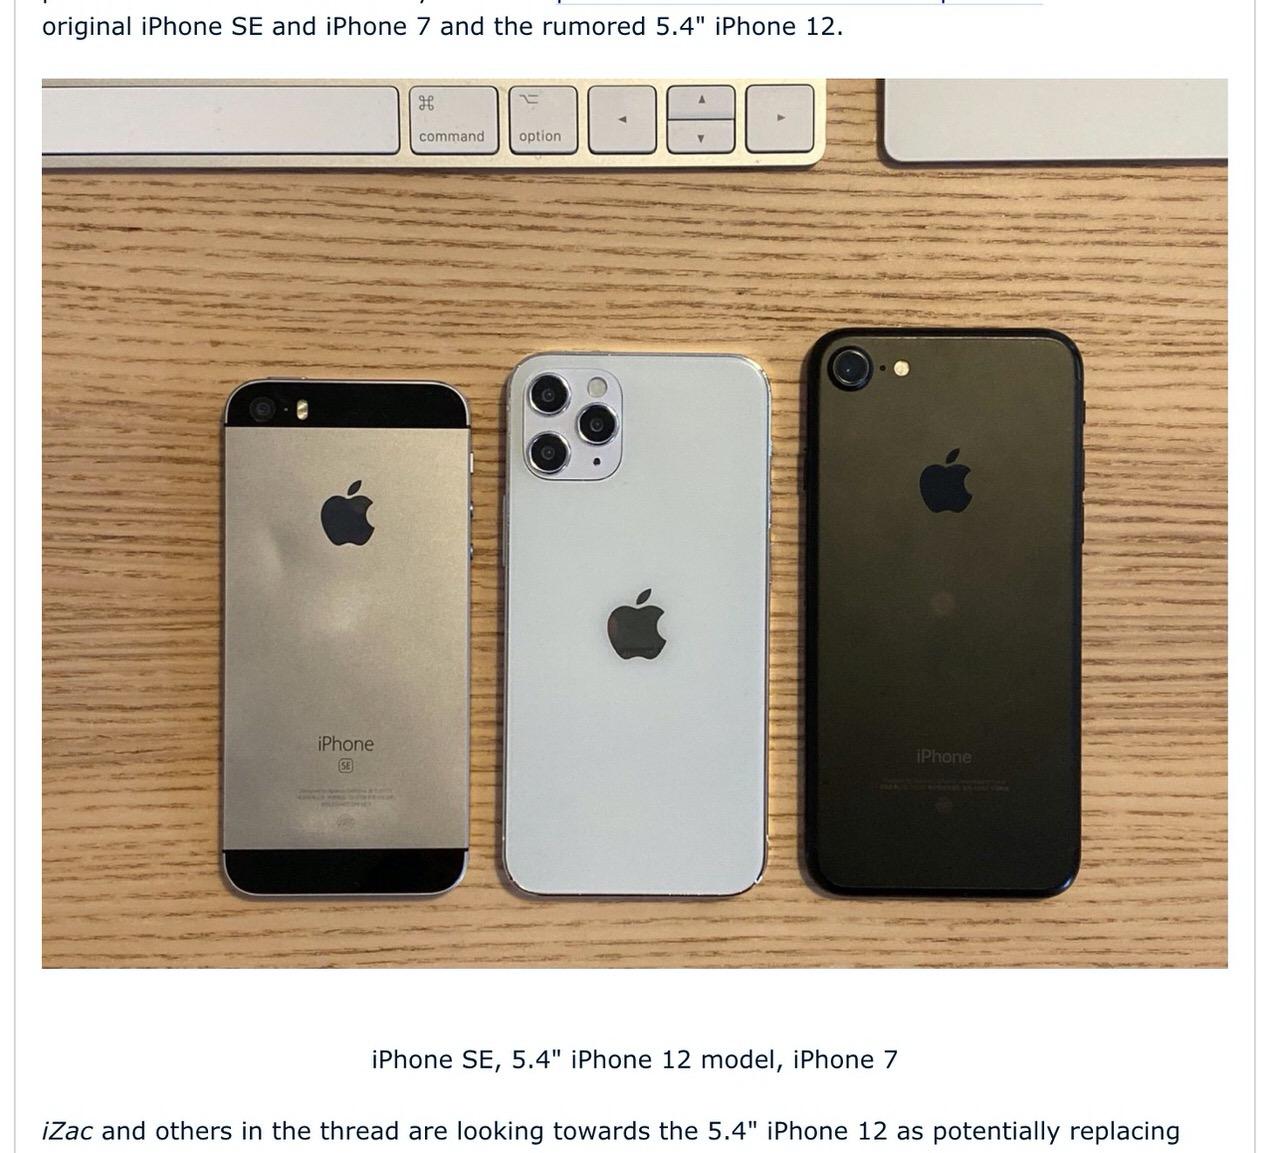 5.4インチの「iPhone 12」はiPhone SEとiPhone 7の中間くらい?このサイズ感は?